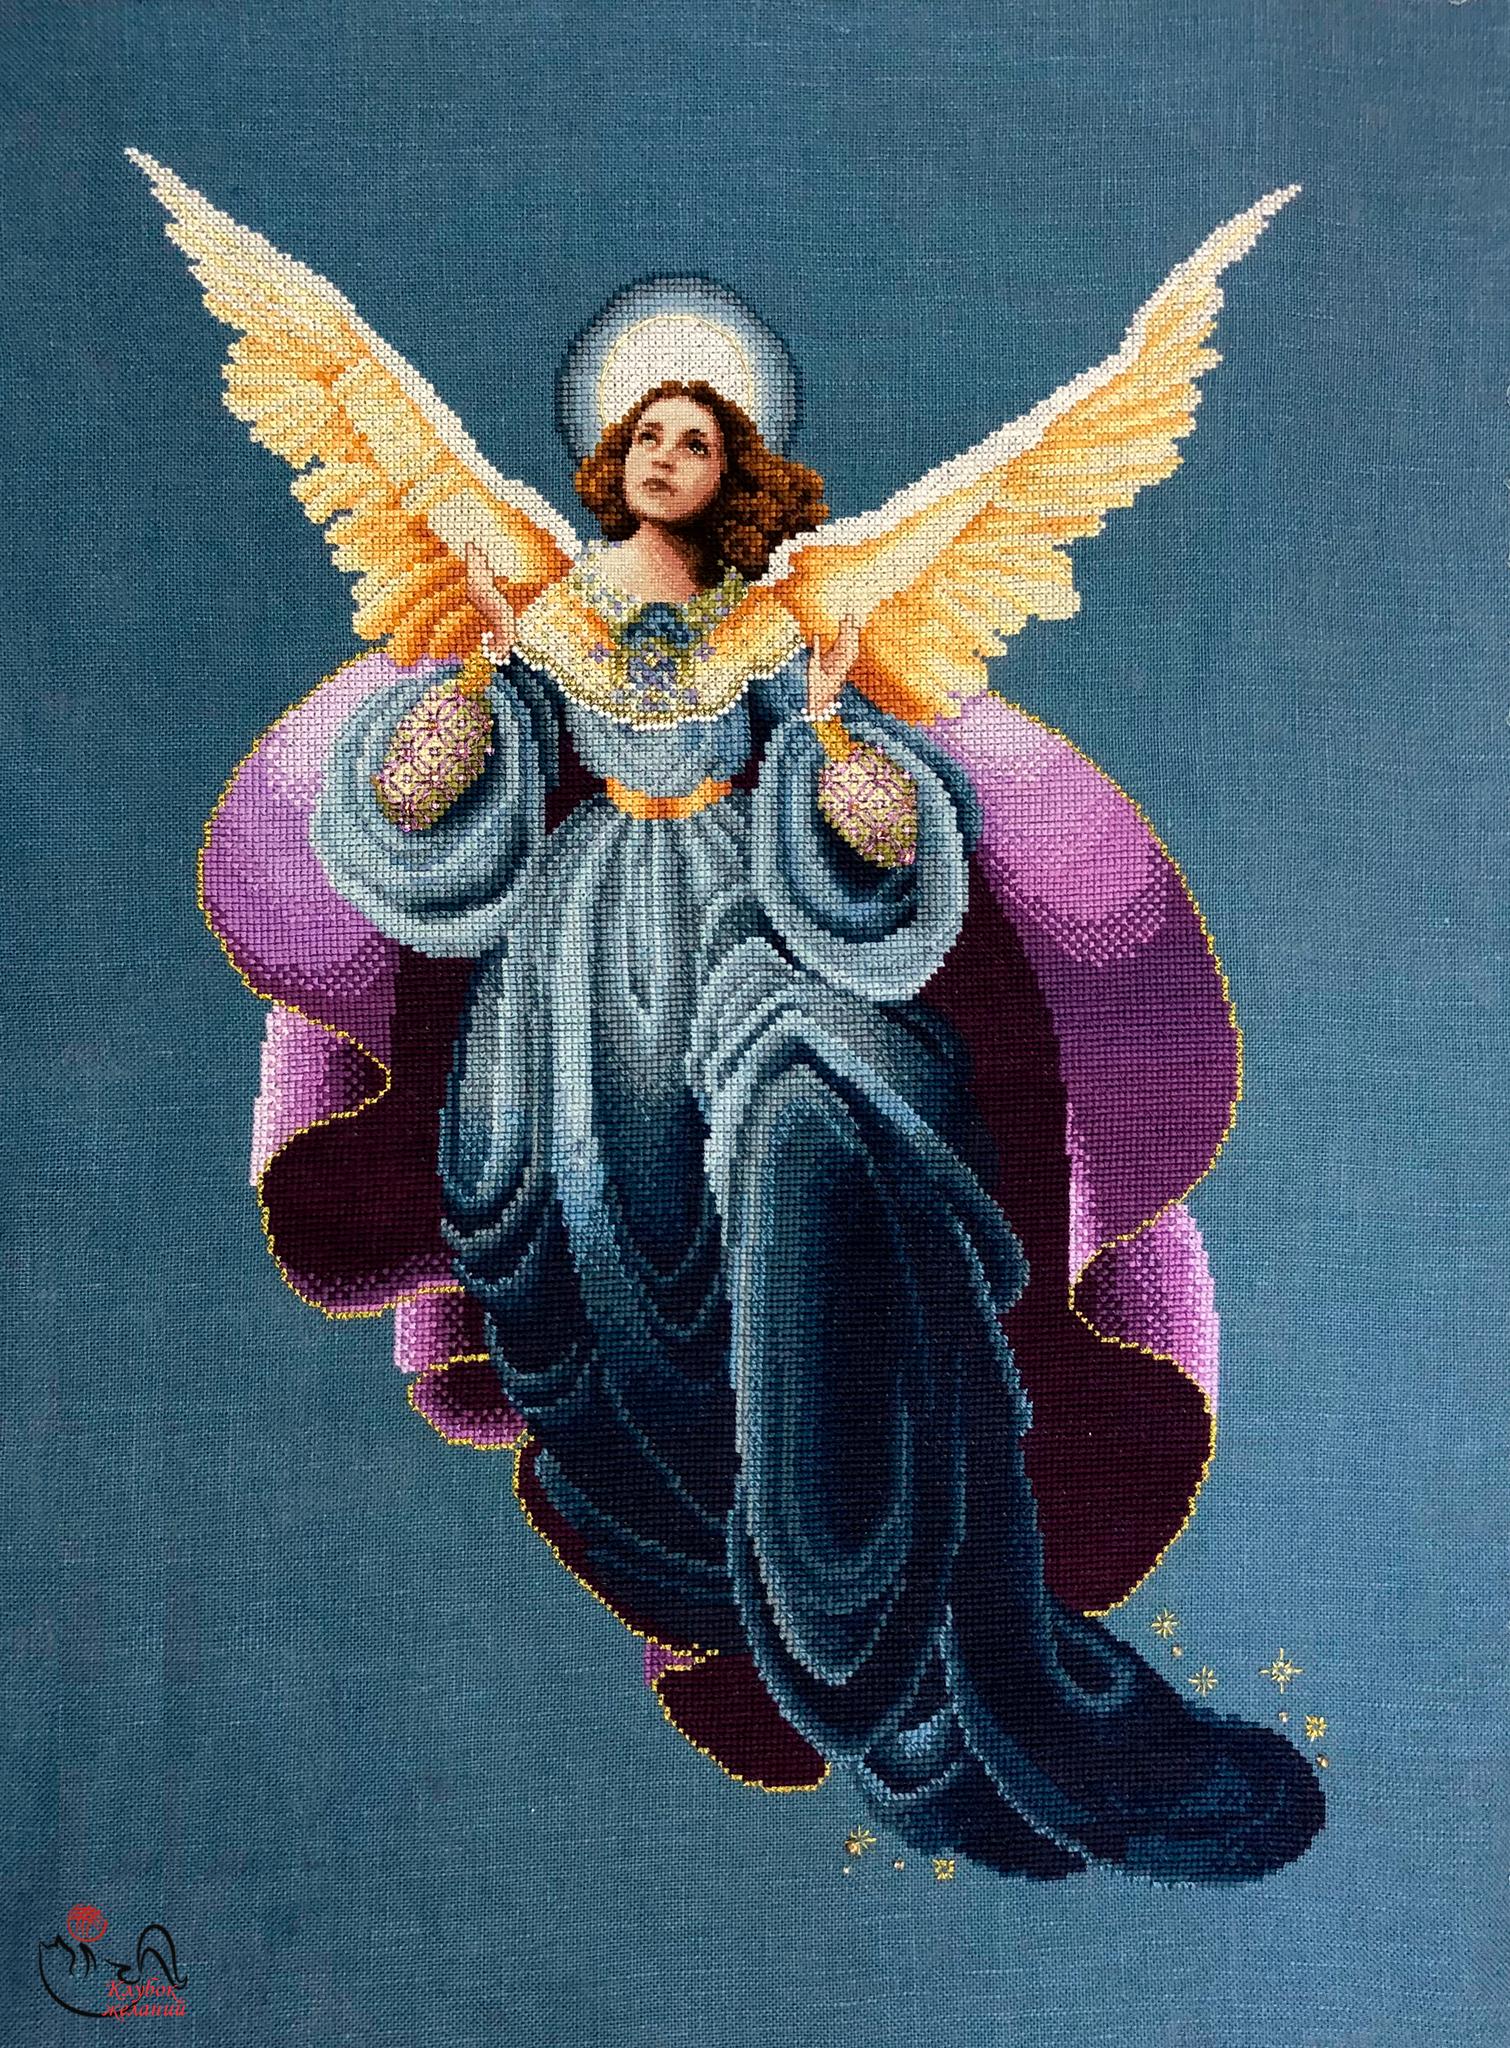 Отшив по набору для вышивания Утренний ангел. Арт. 8011